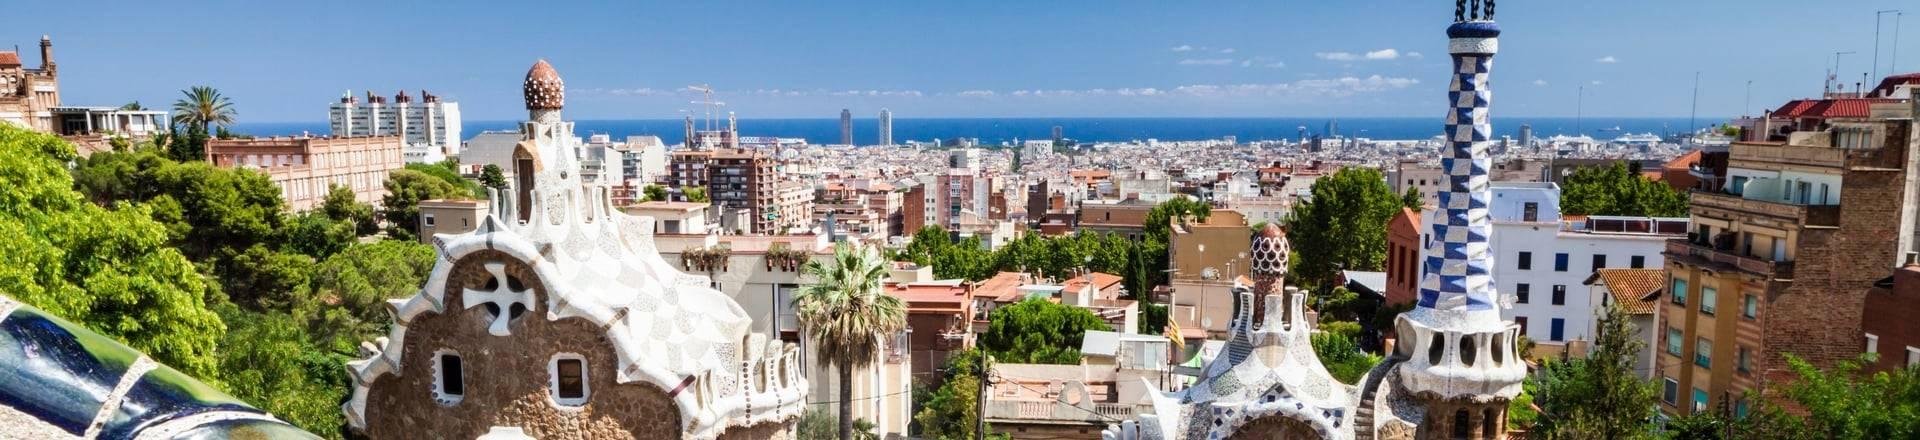 Hoteles en barcelona baratos desde 232 destinia Hoteles en barcelona ciudad